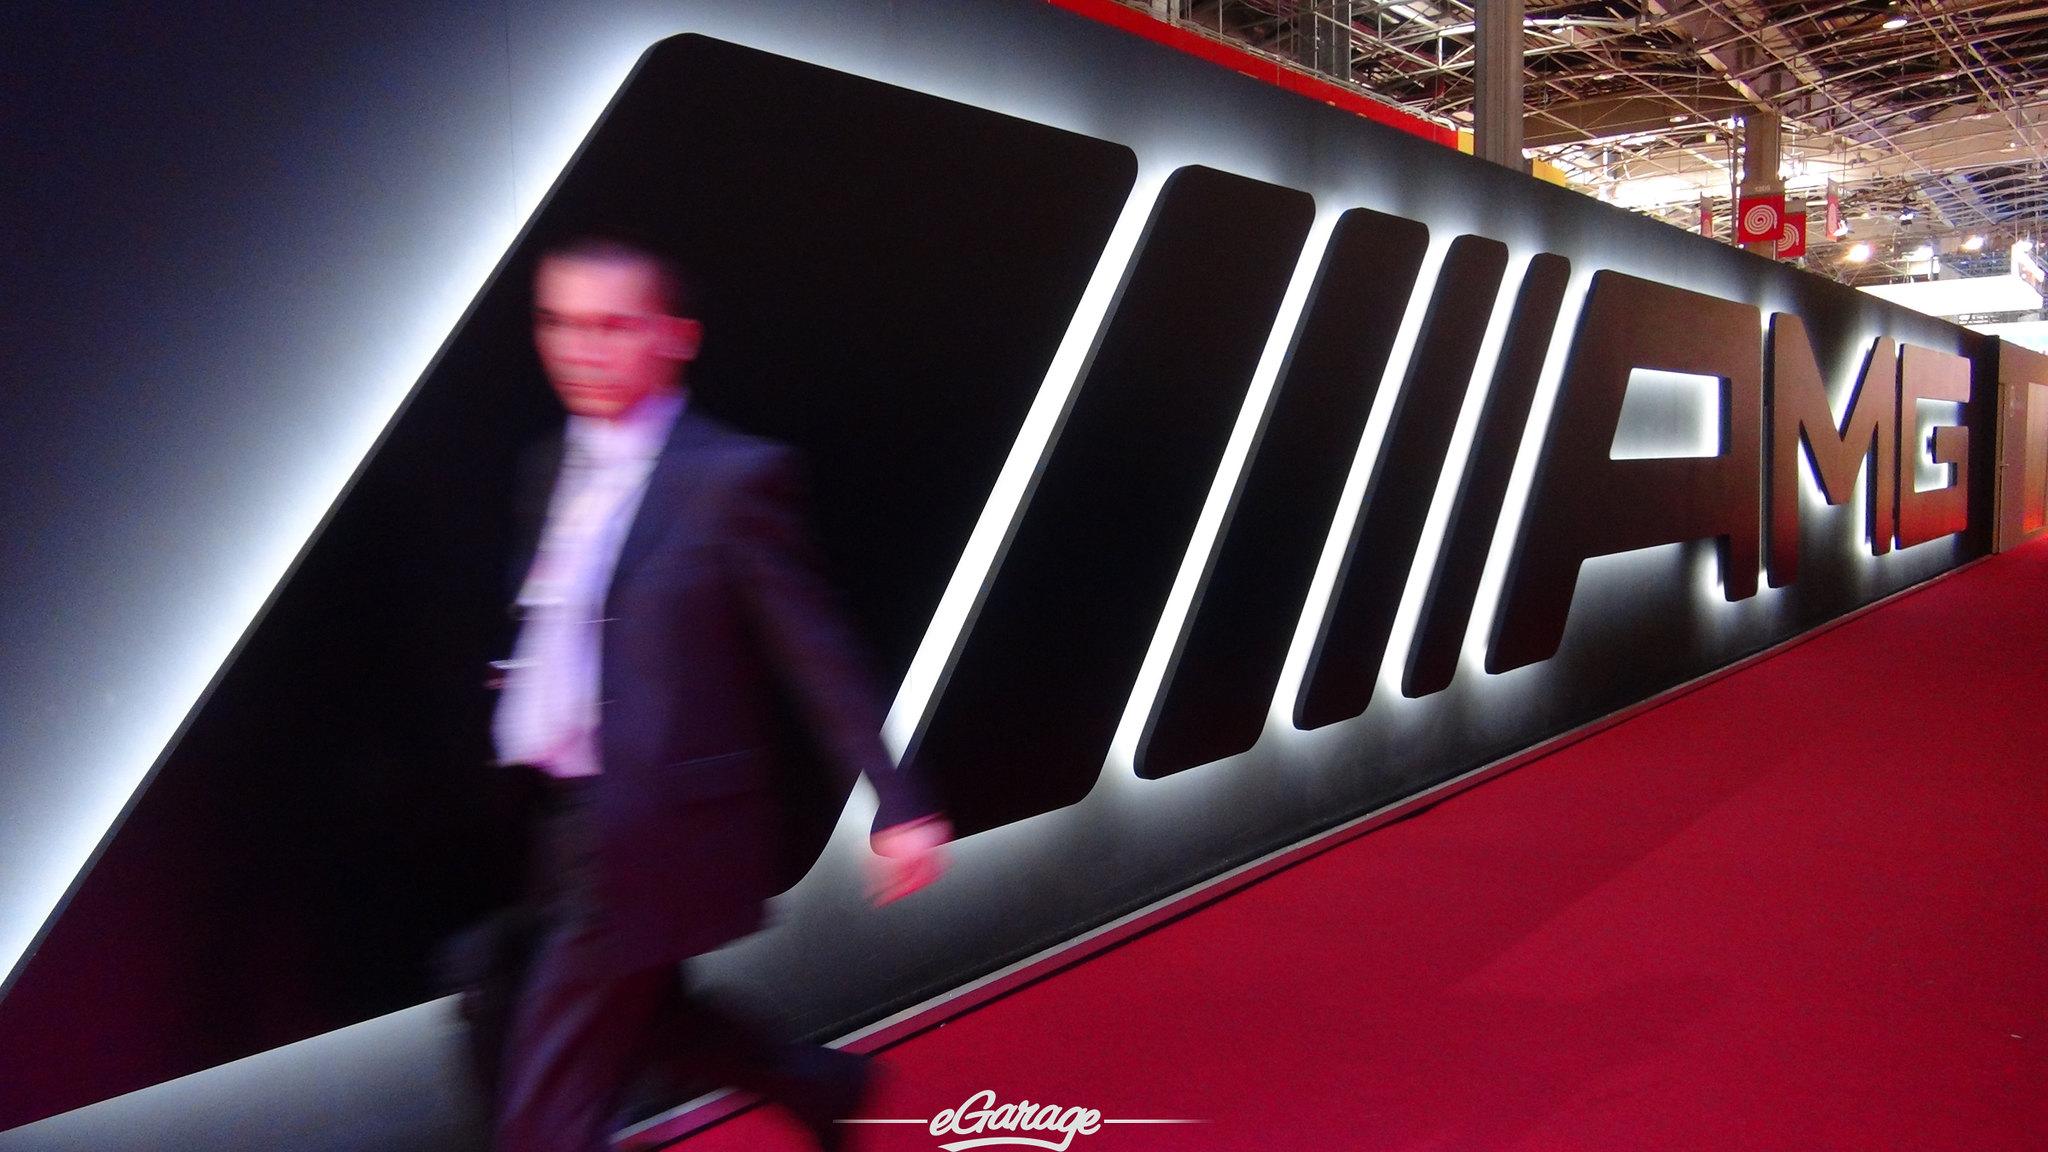 8034744226 57ecbced29 k 2012 Paris Motor Show